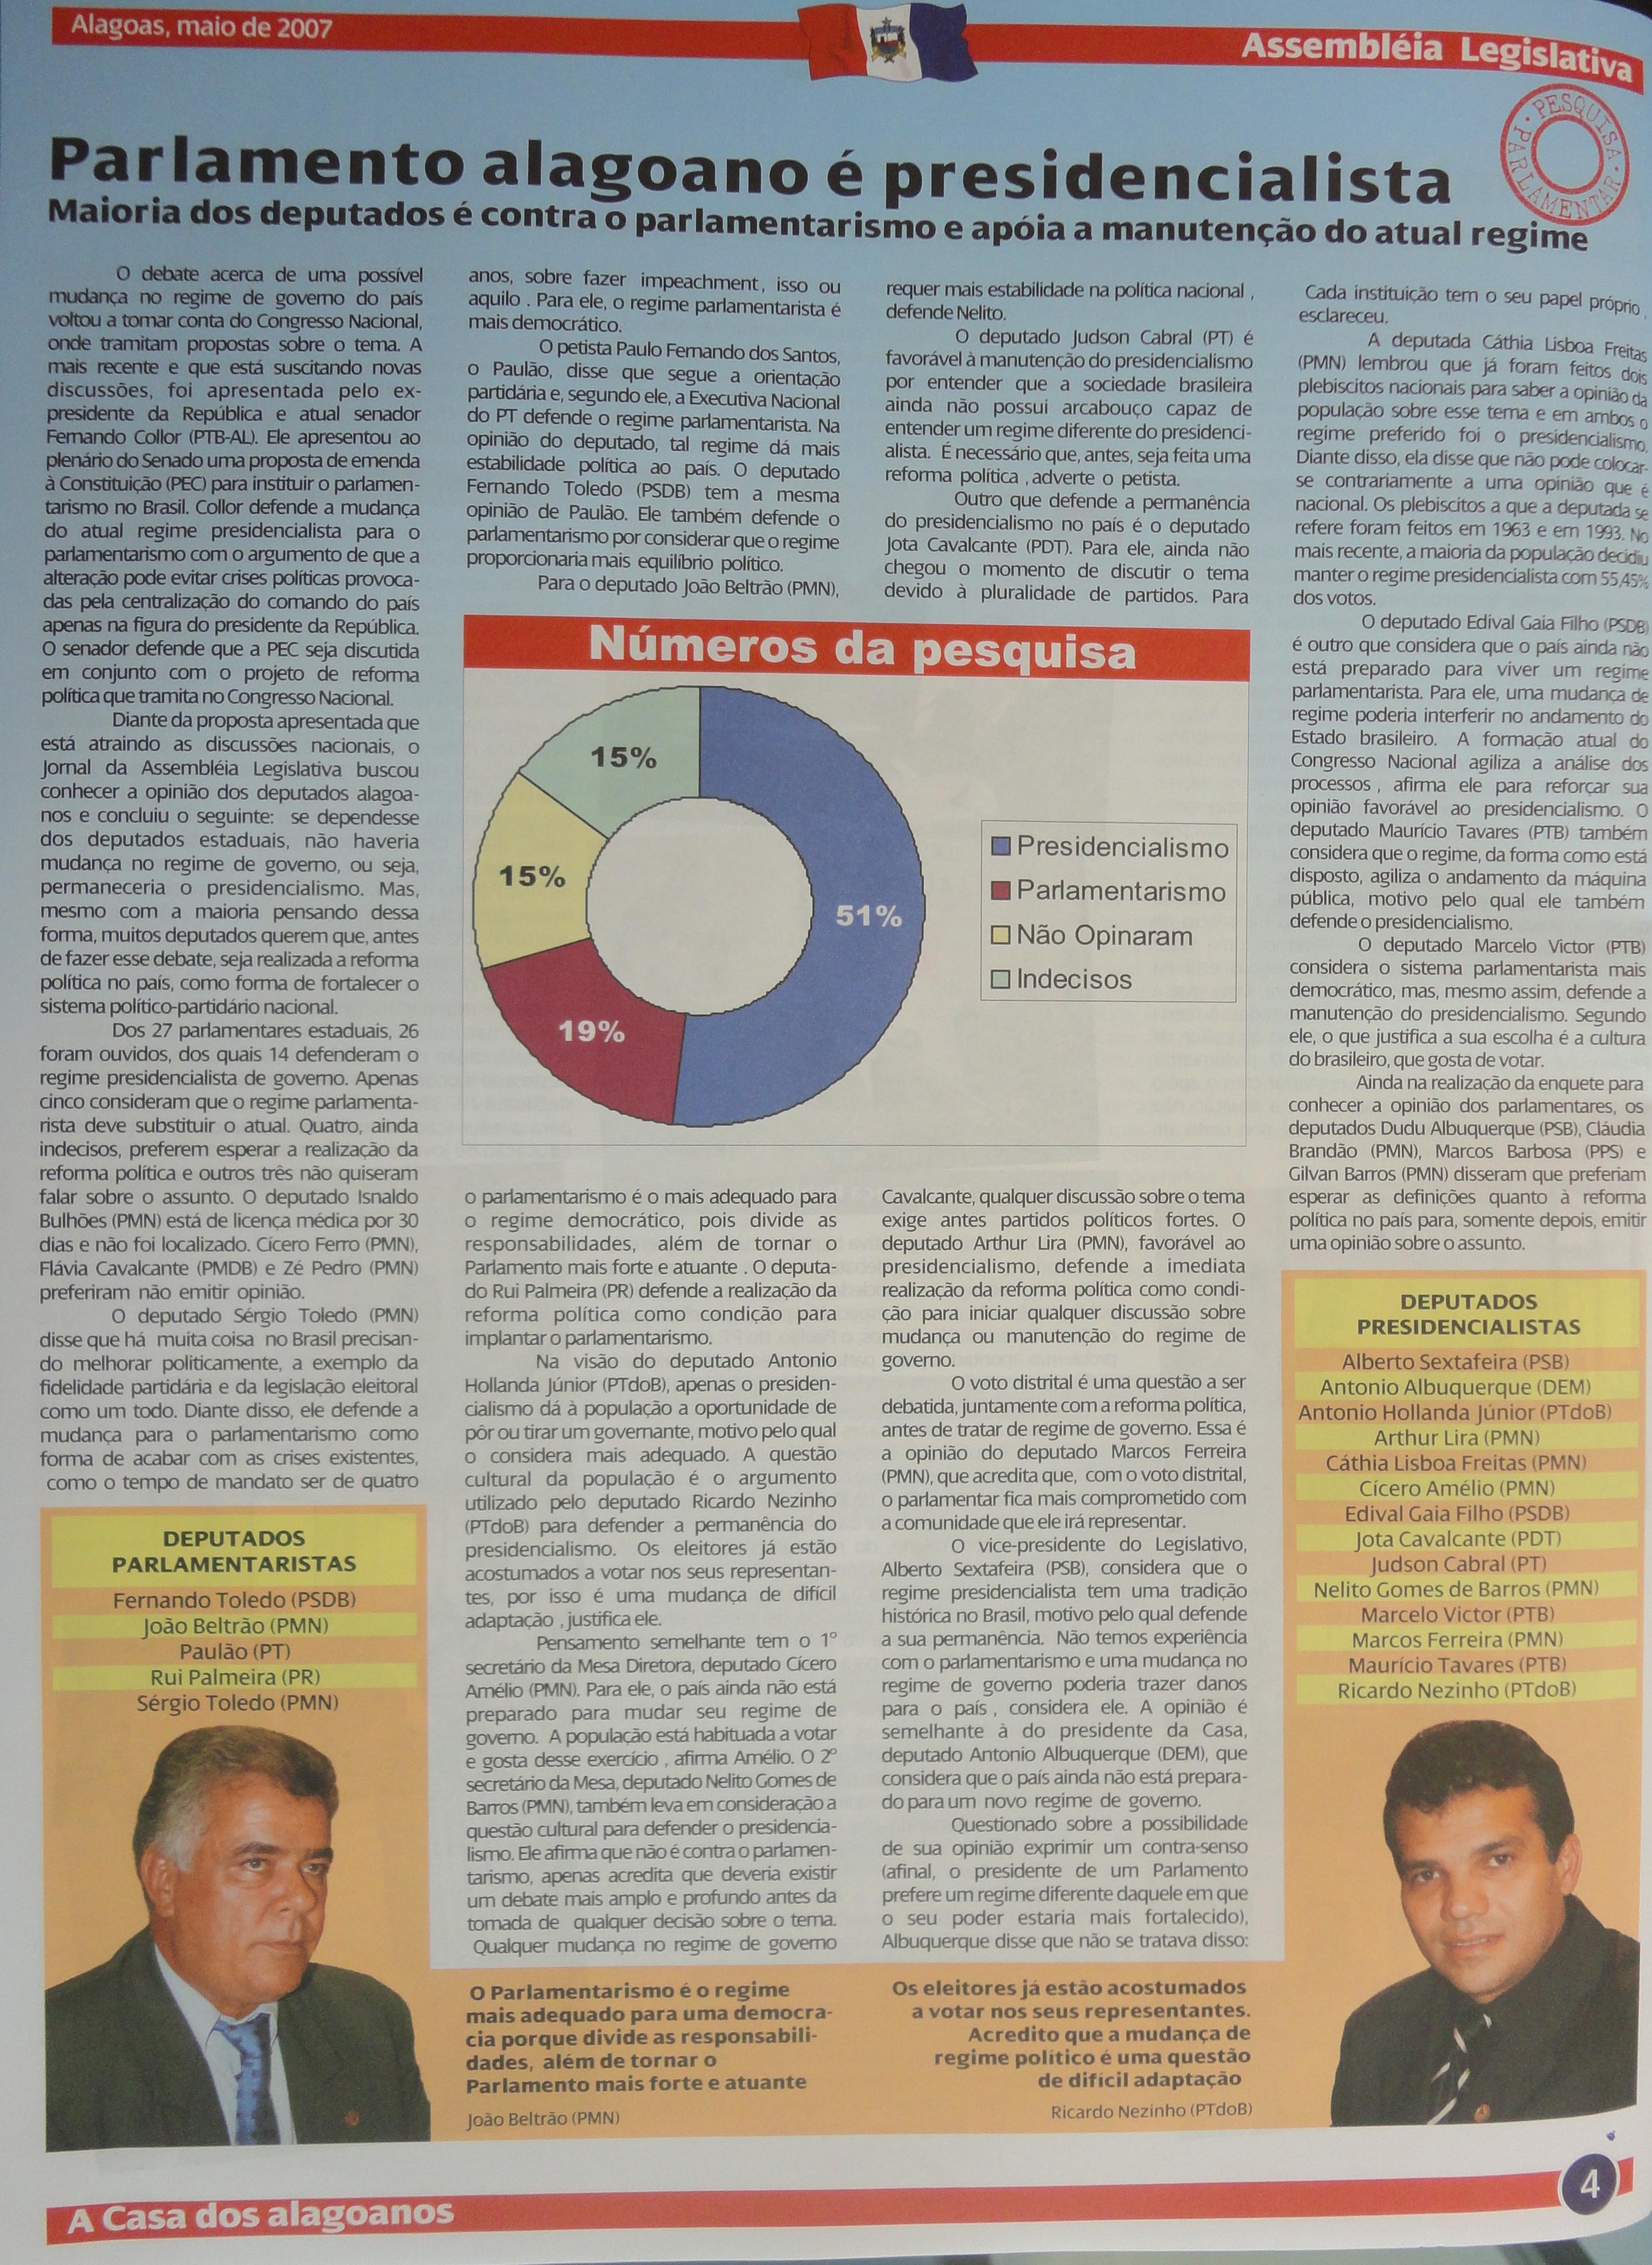 Coleção do Jornal da Assembleia 05-2007